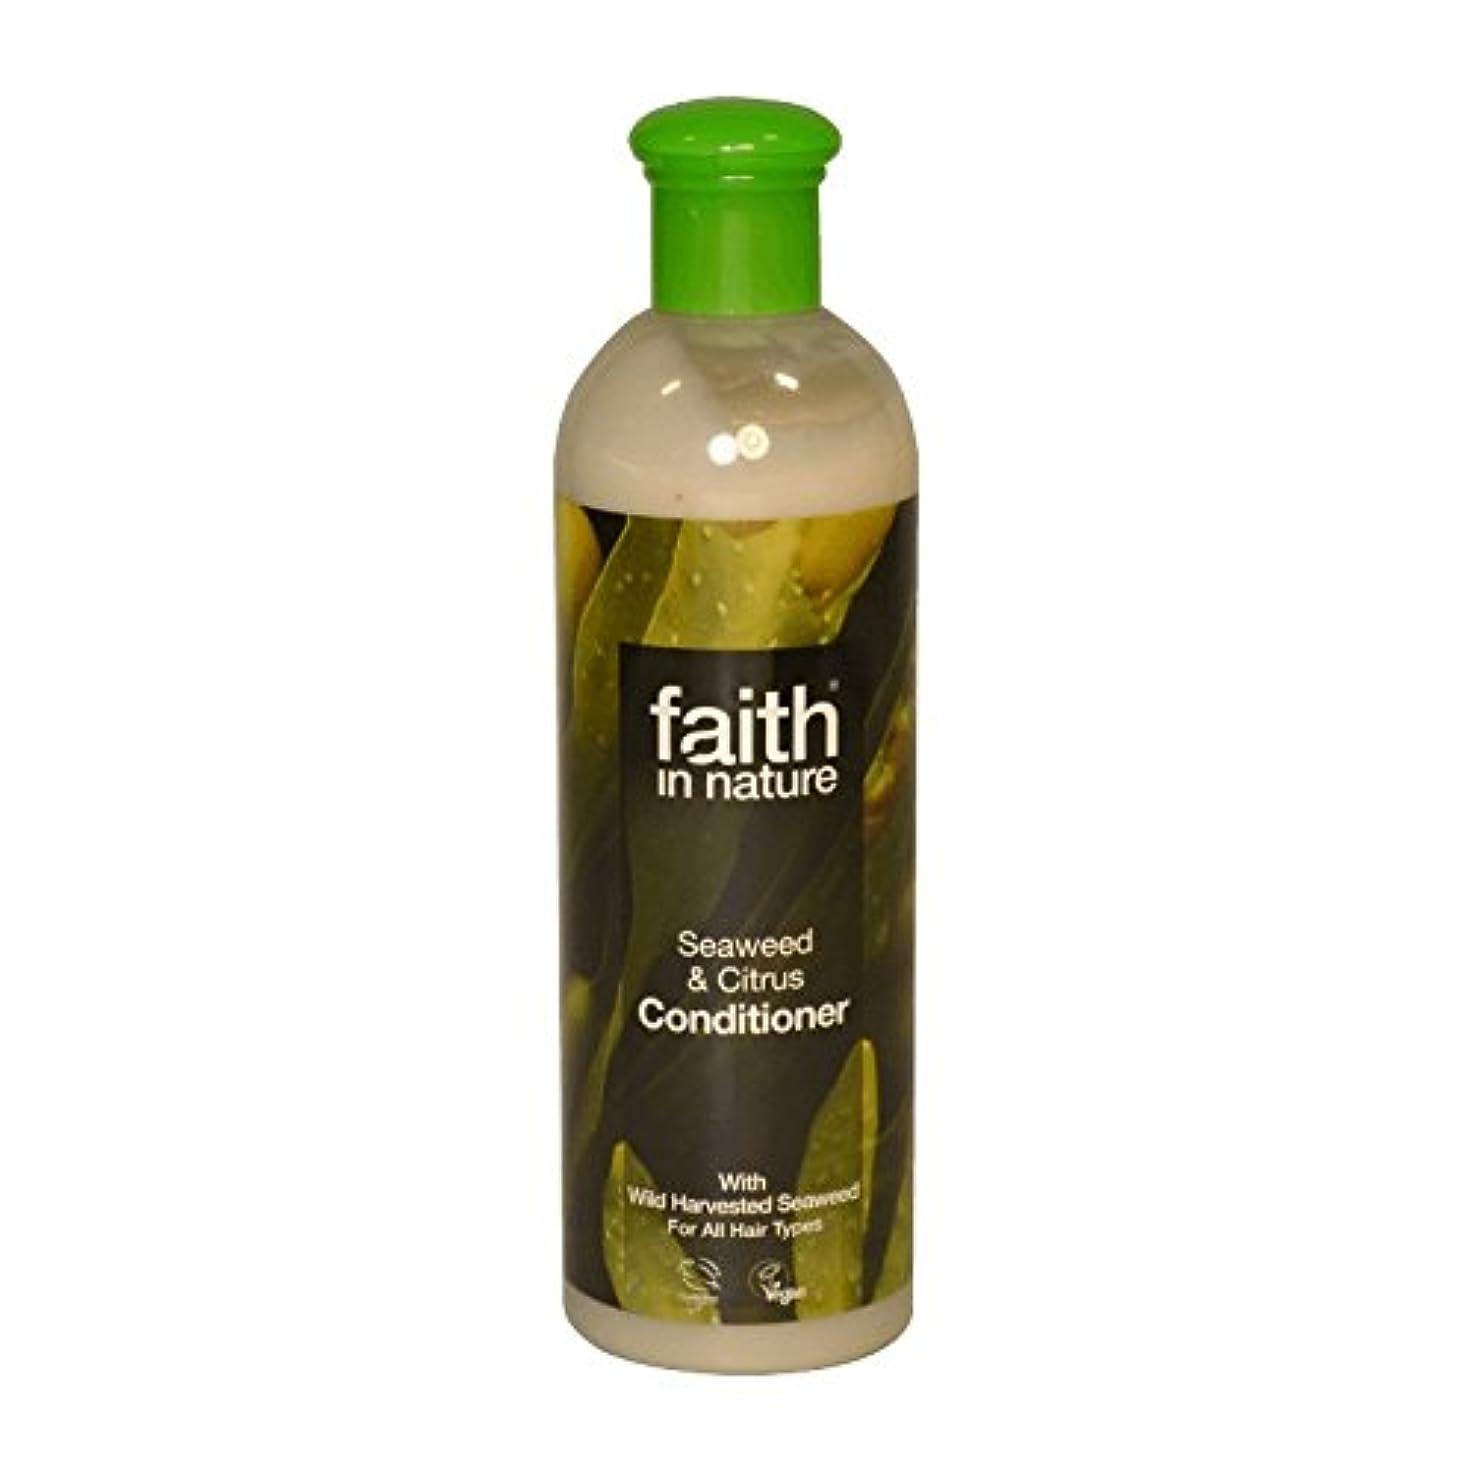 同行するリファイン以内に自然の海藻&シトラスコンディショナー400ミリリットルの信仰 - Faith in Nature Seaweed & Citrus Conditioner 400ml (Faith in Nature) [並行輸入品]